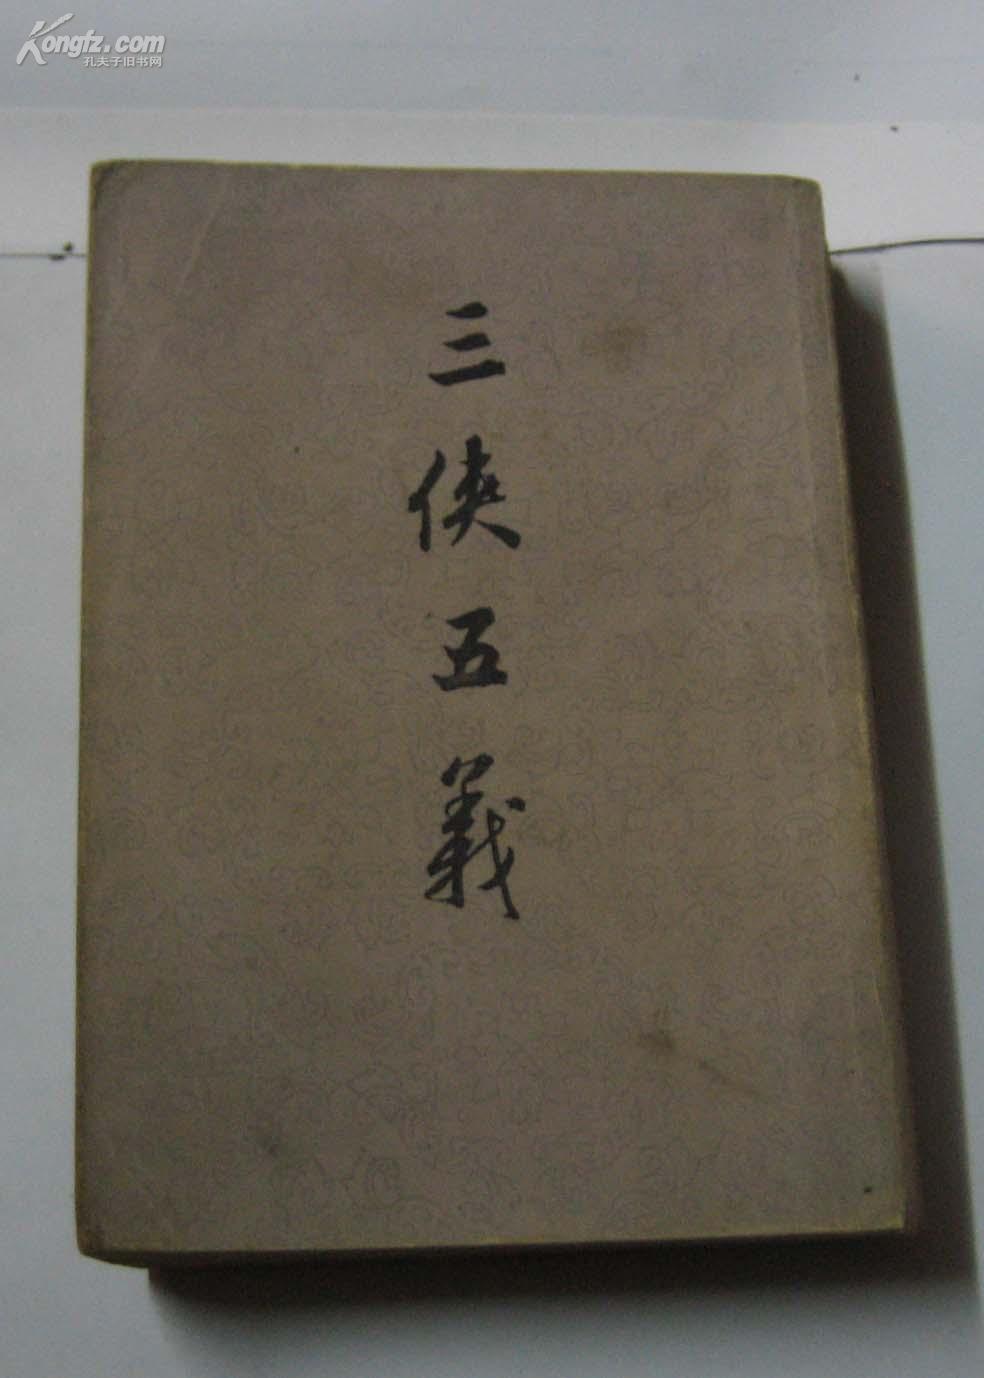 三侠五义(原中华上编版) 80年竖繁版,上海古籍出版社版本